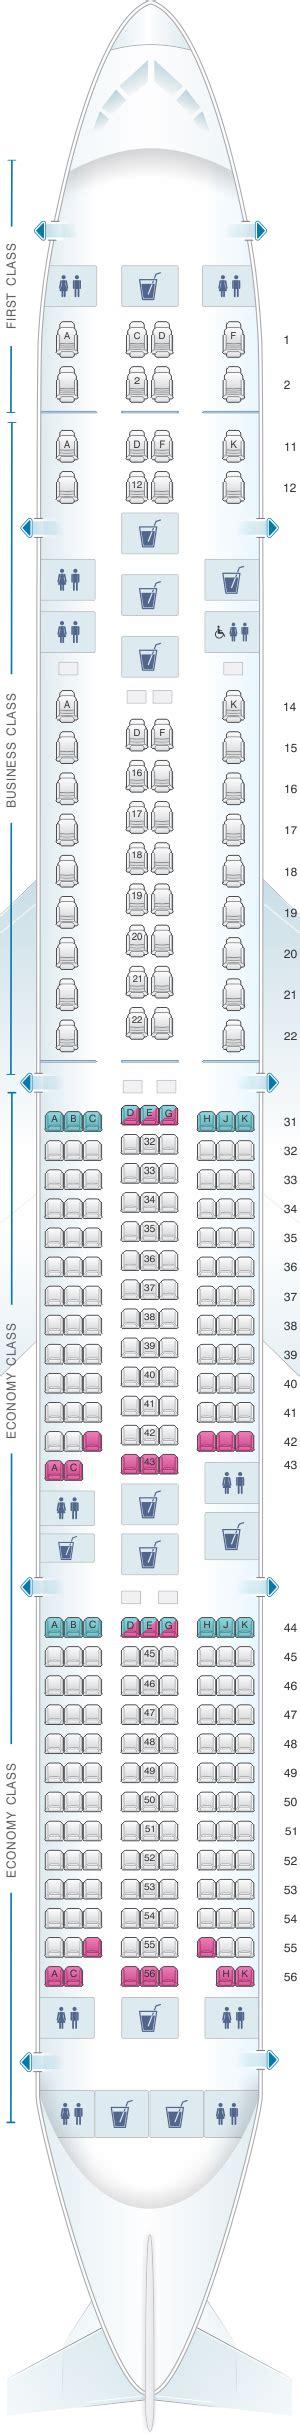 siege boeing 777 plan de cabine singapore airlines boeing b777 300er three